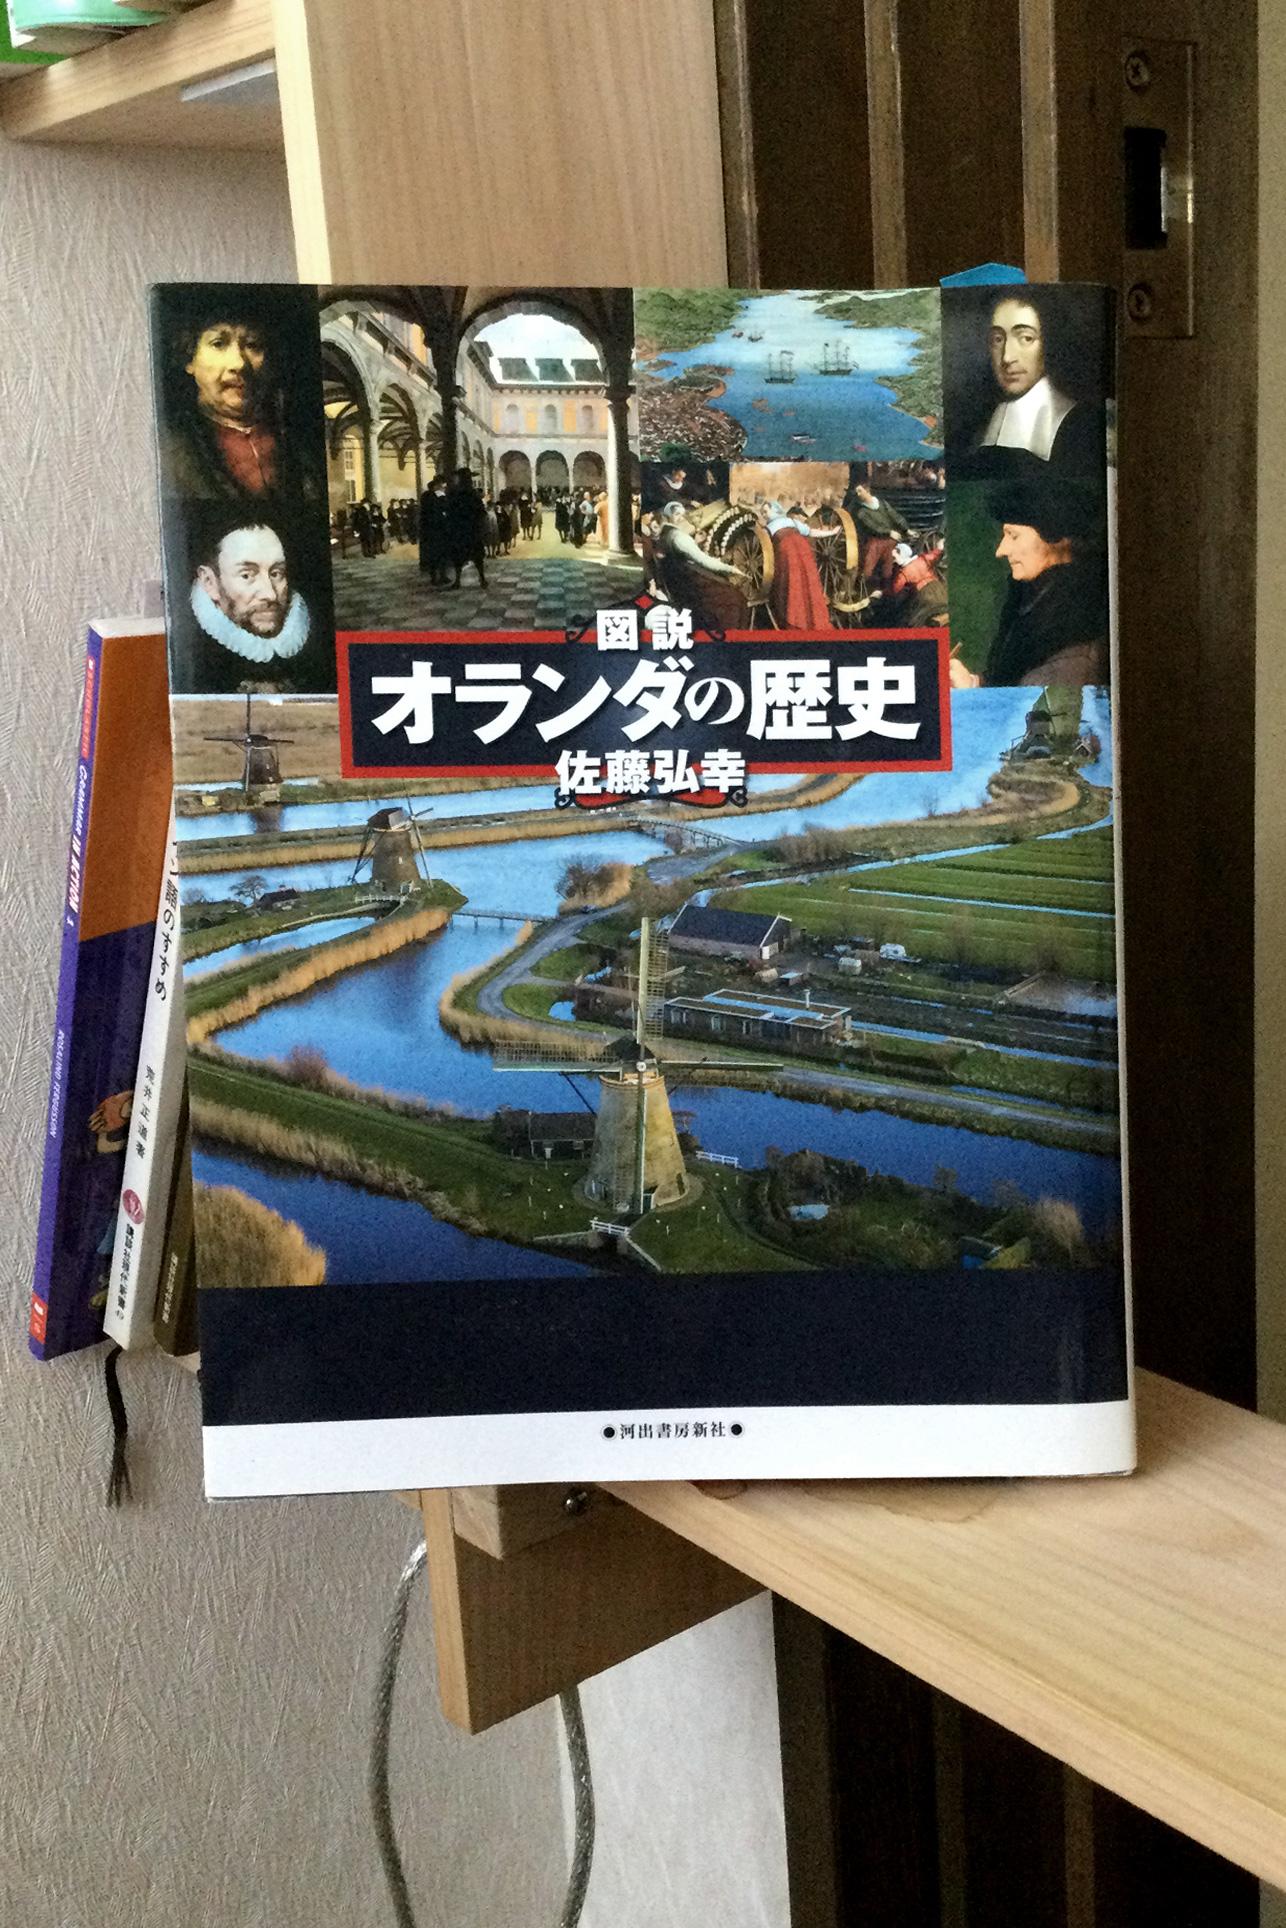 書籍図説 オランダの歴史 改訂新版(佐藤 弘幸/河出書房新社)」の表紙画像